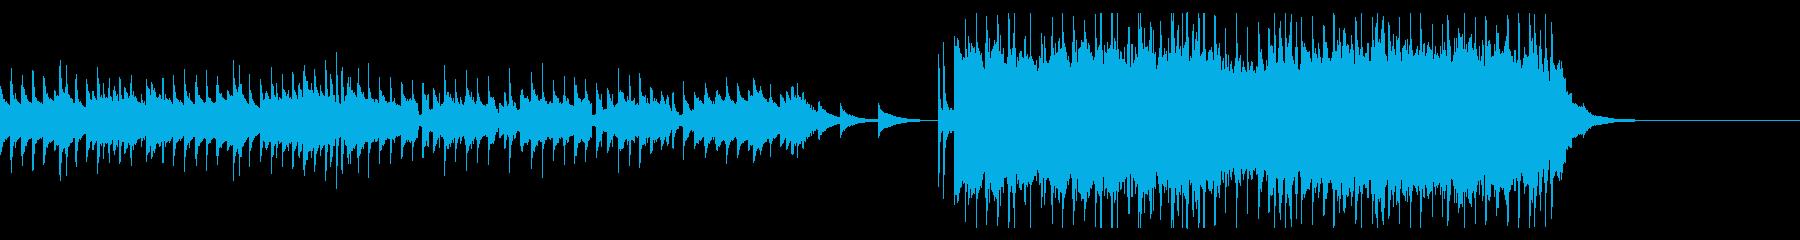 ハロウィン・オルガン・クライマックスの再生済みの波形